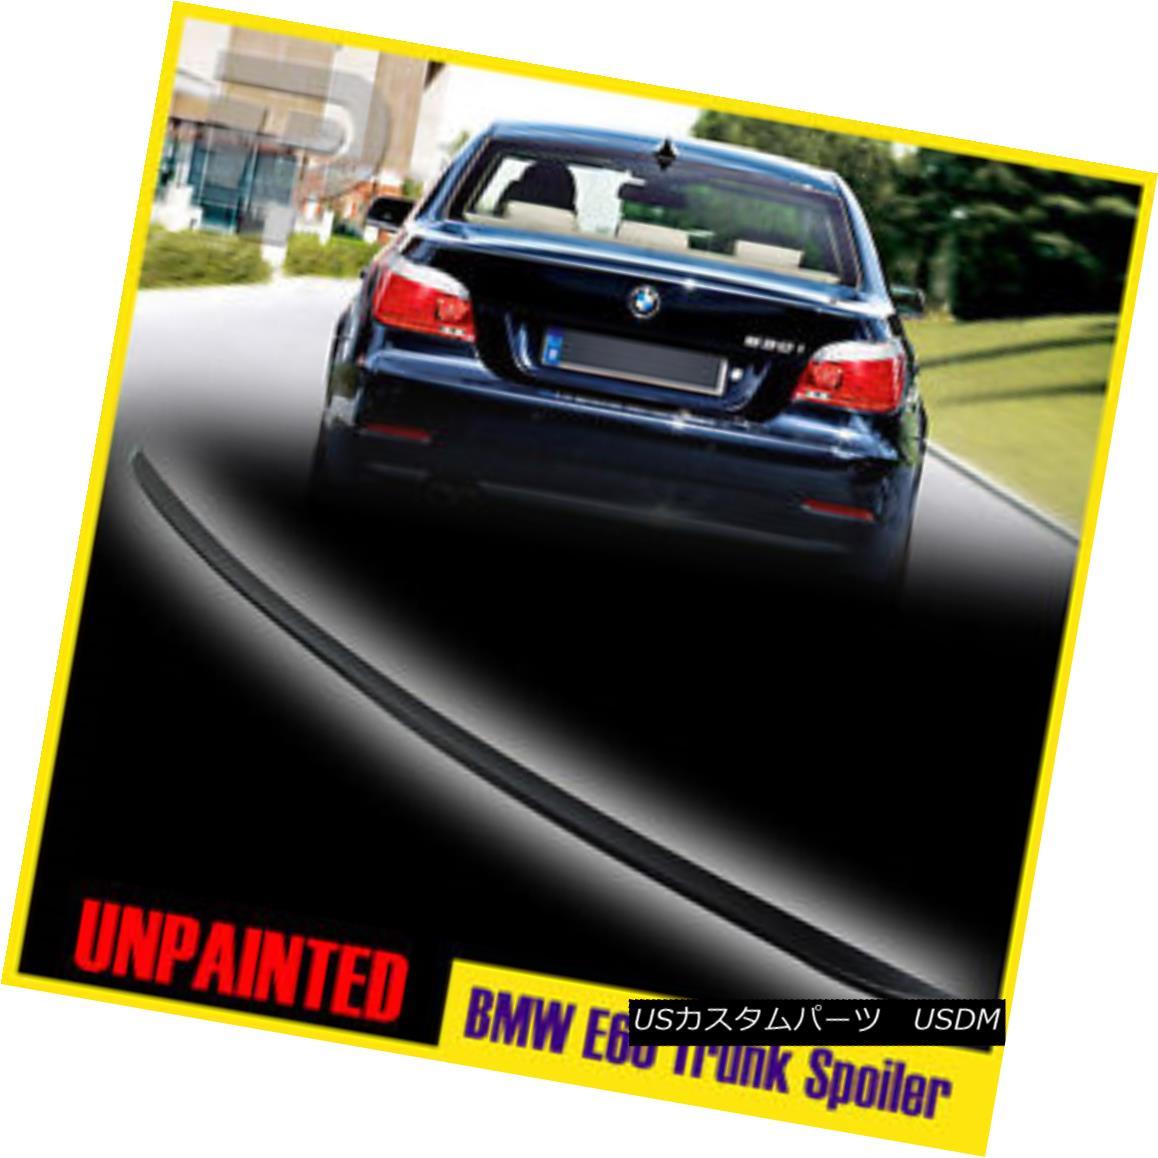 エアロパーツ Unpainted Rear Trunk Spoiler Wing 2004-2010 BMW 5-Series E60 4DR M3 M5 525i 428i 未塗装の後部トランク・スポイラー・ウィング2004-2010 BMW 5シリーズE60 4DR M3 M5 525i 428i